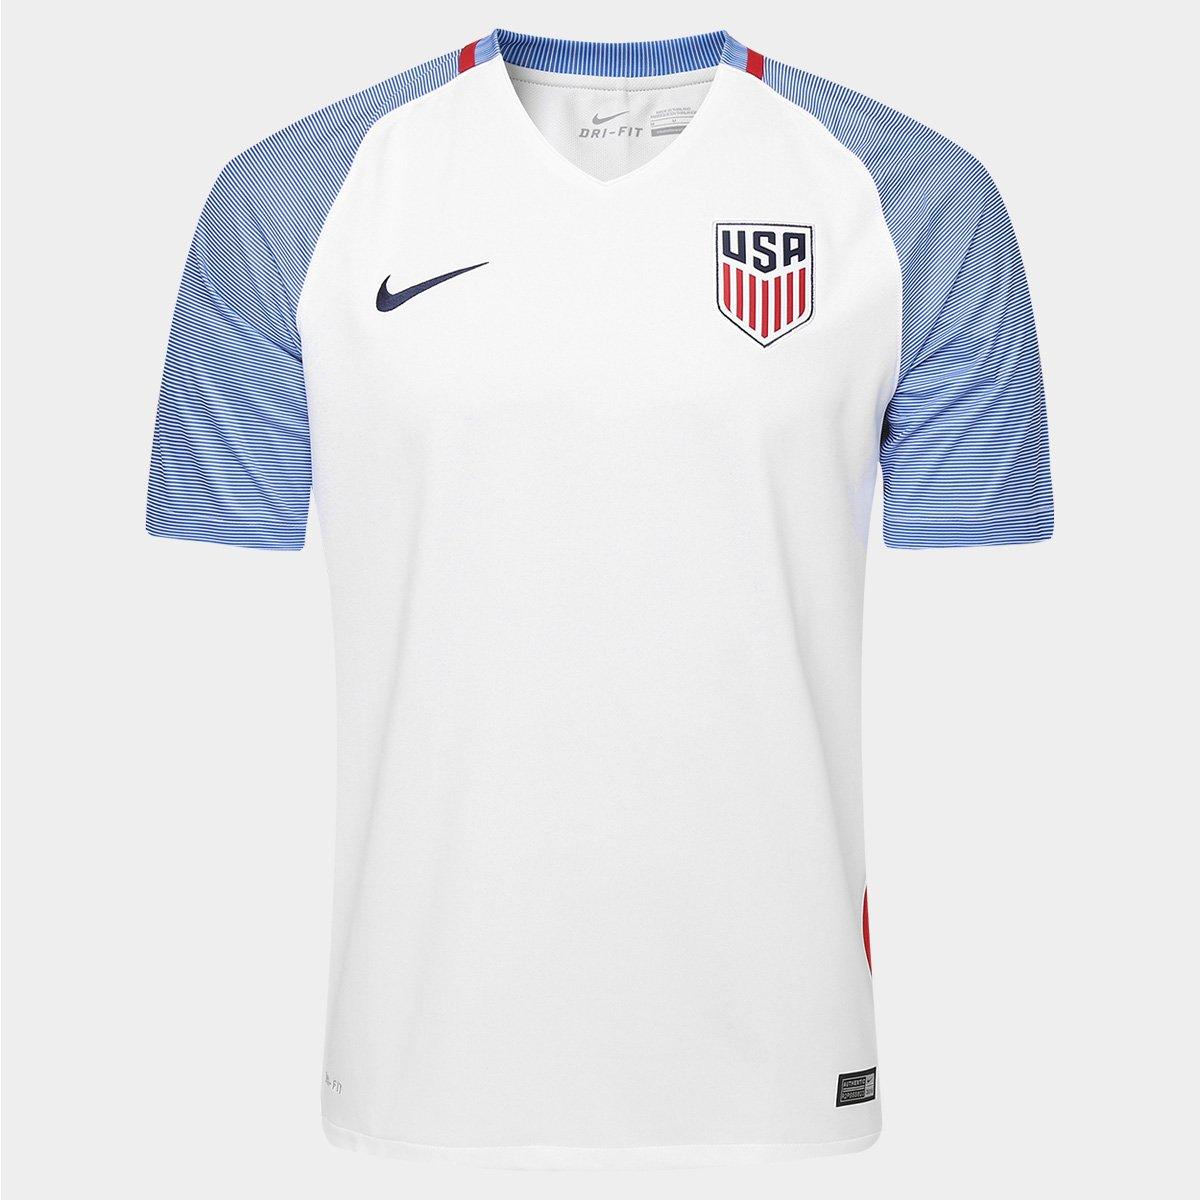 49dca868f3 Camisa Seleção Estados Unidos Home 2016 s nº - Torcedor Nike Masculina - Compre  Agora